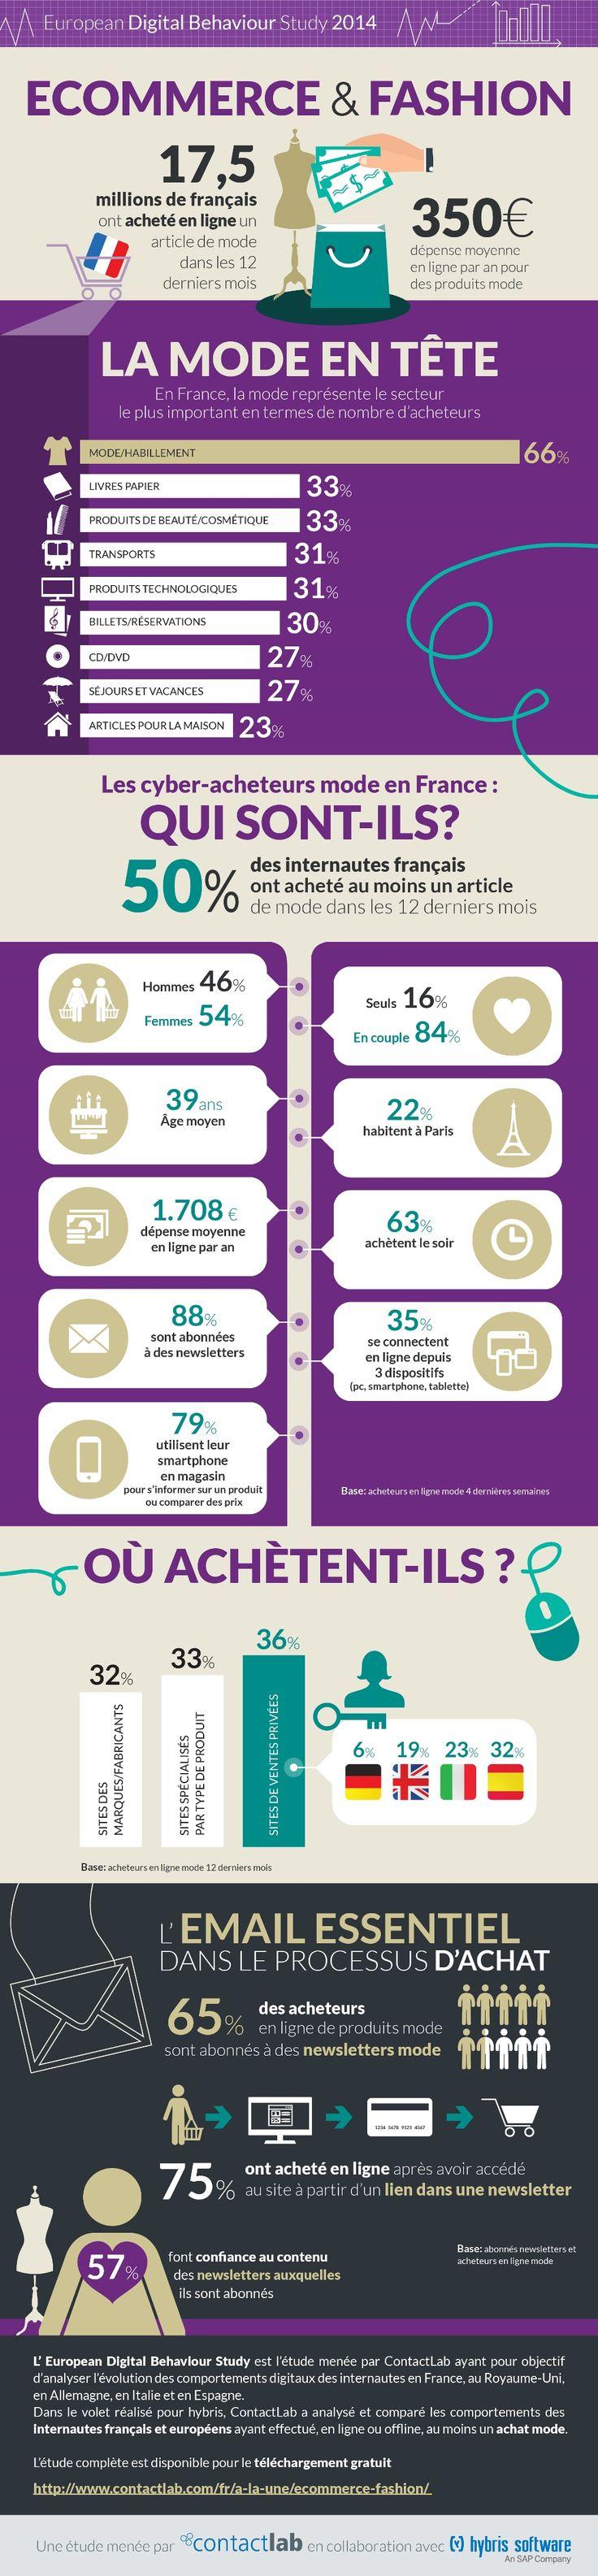 Infographie : la mode en tête des achats e-commerce des Français